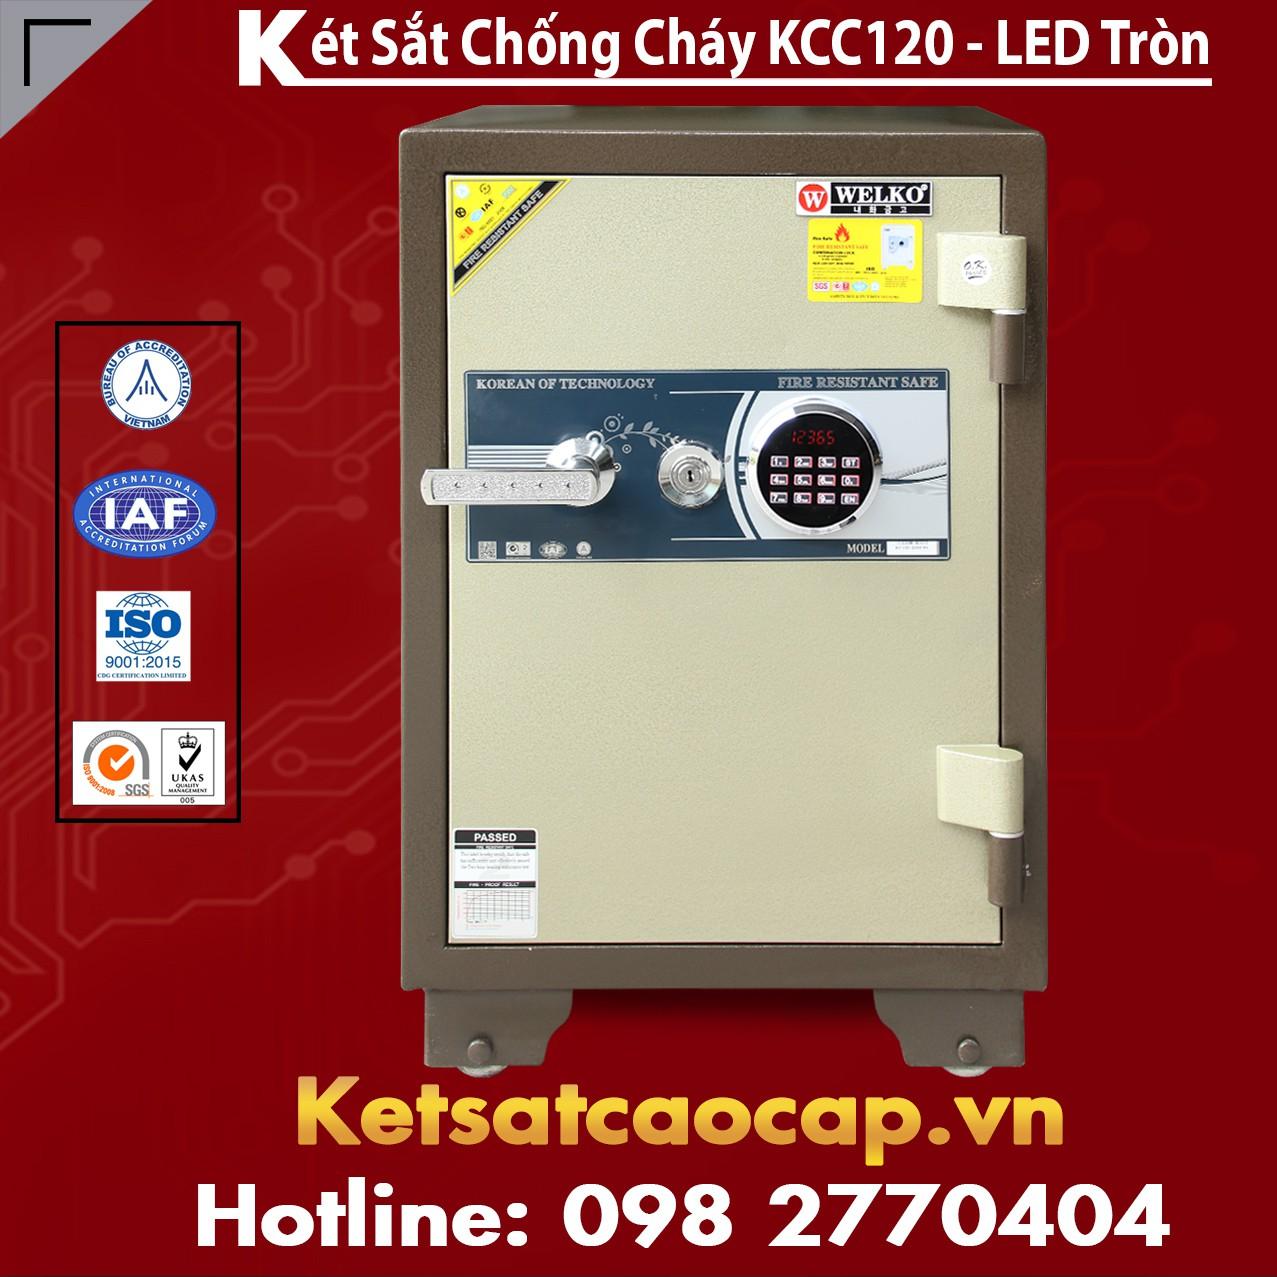 Két Sắt Bình Dương WELKO KCC120 - LED